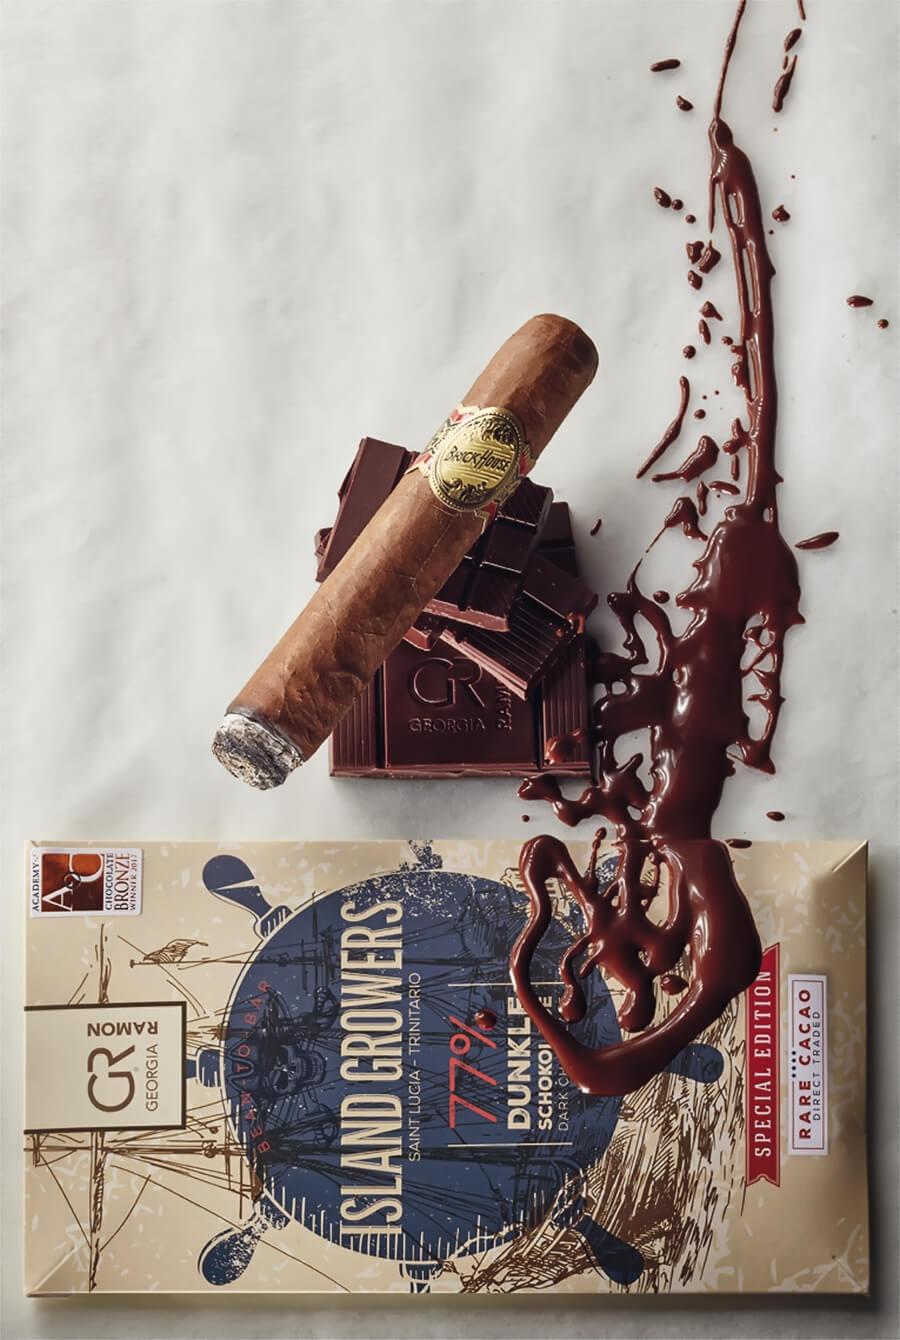 Brick House Robusto kombiniert mit der Schokolade Island Growers 77 %